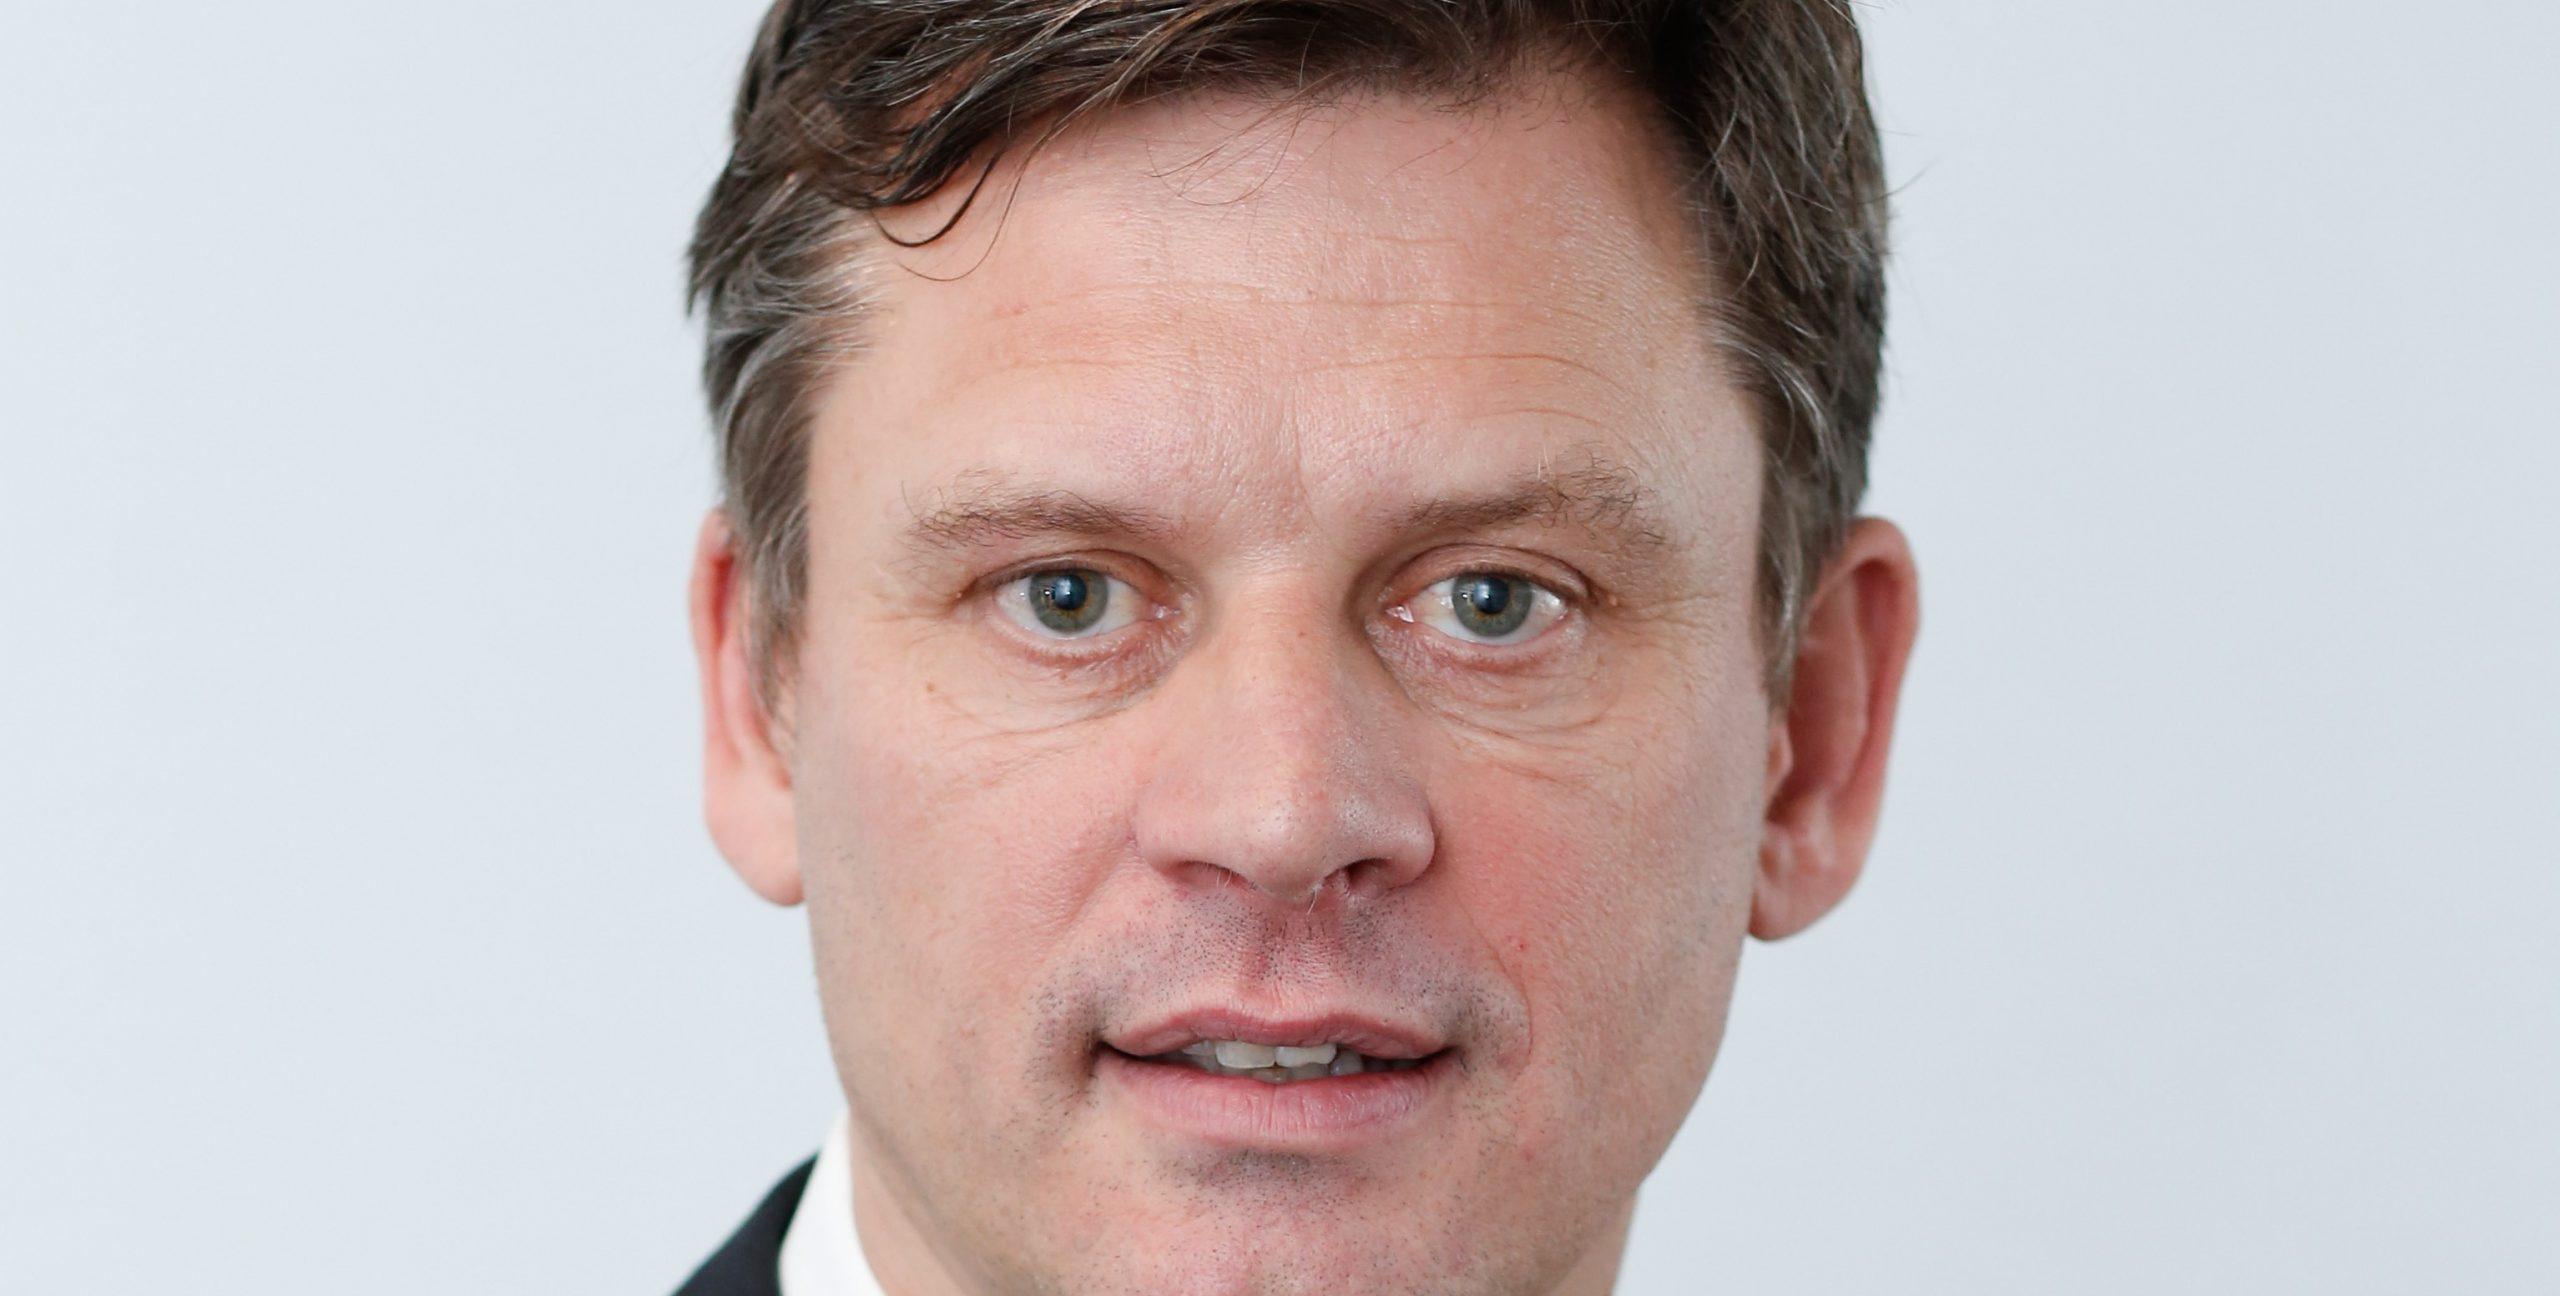 Dr. Wolfgang Sawazki